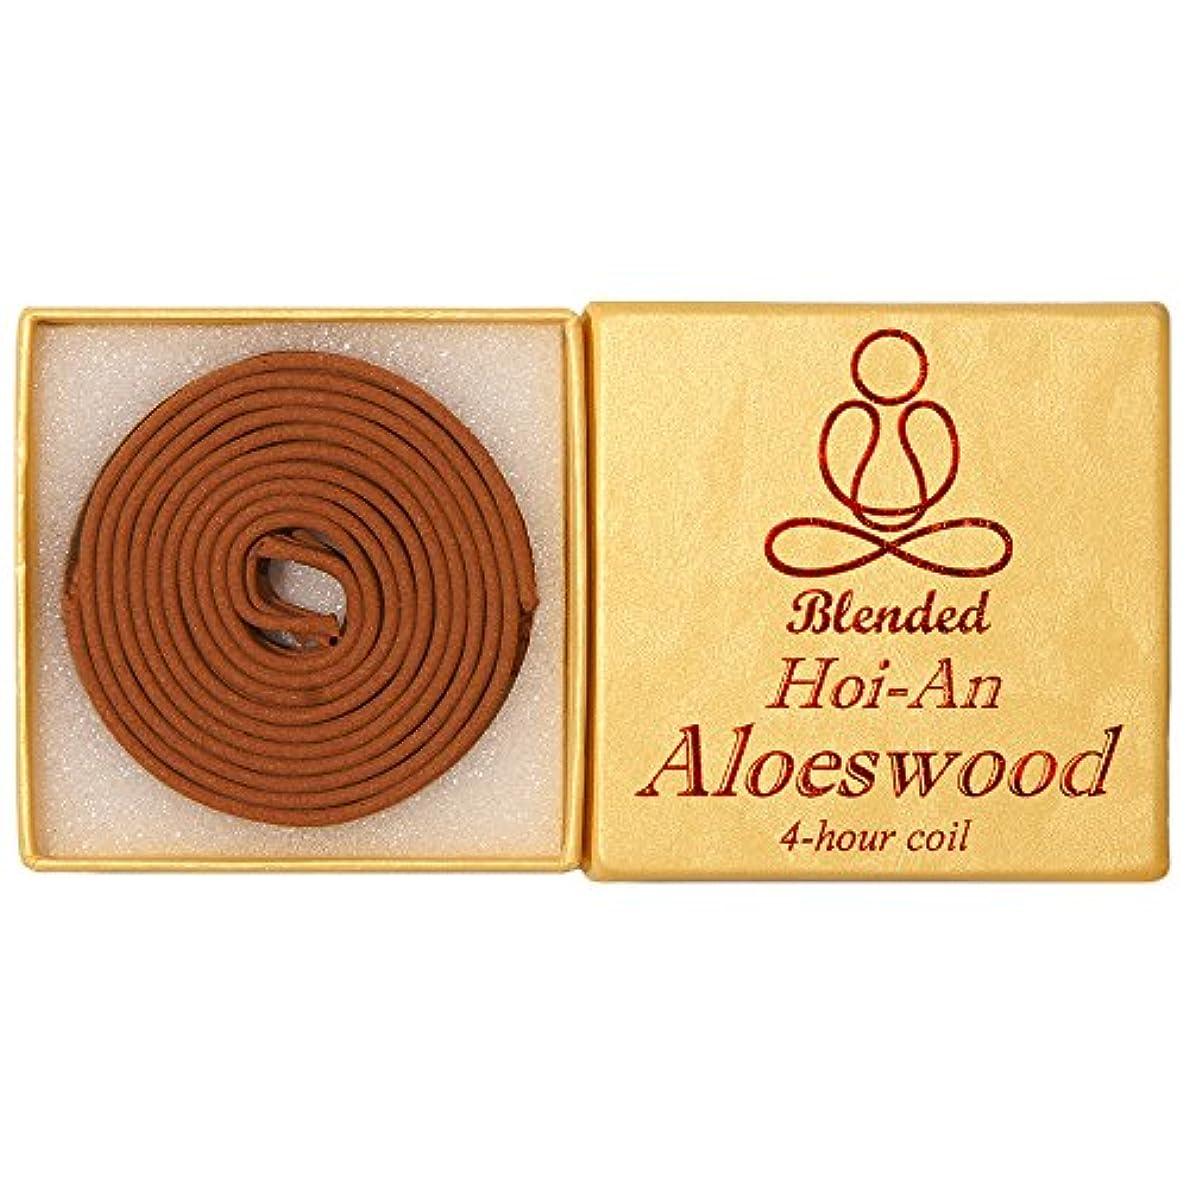 破裂民間お互いBlended Hoi-An Aloeswood - 12 pieces 4-hour Coil - 100% natural - GHC152T